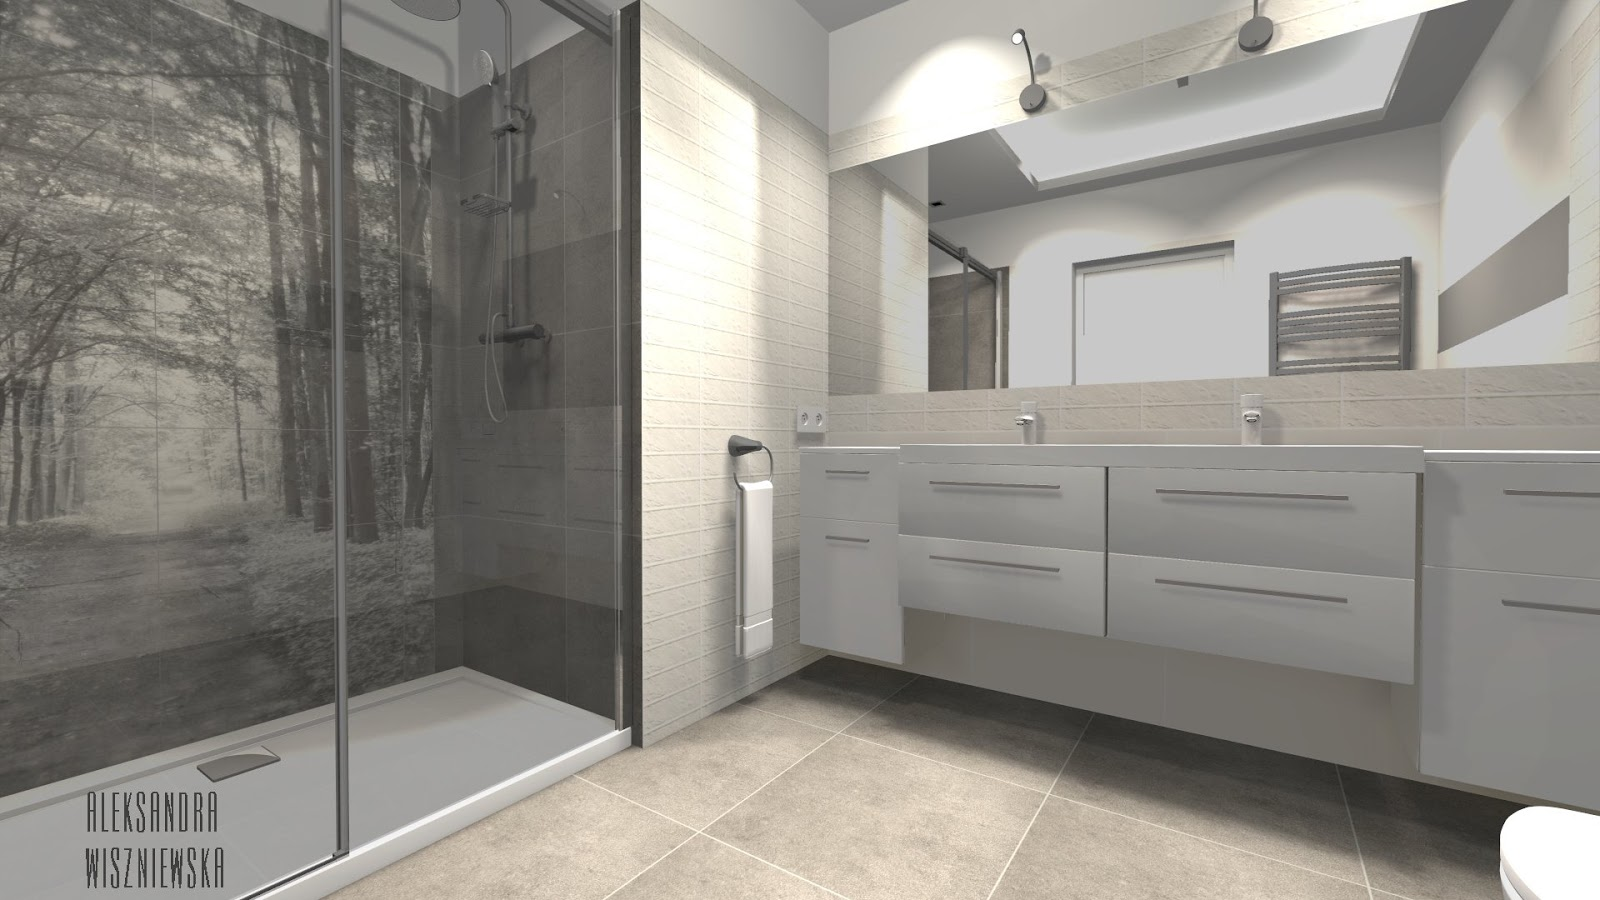 Projekty łazienek Wizualizacje Tubądzin All In White Z Obszernym